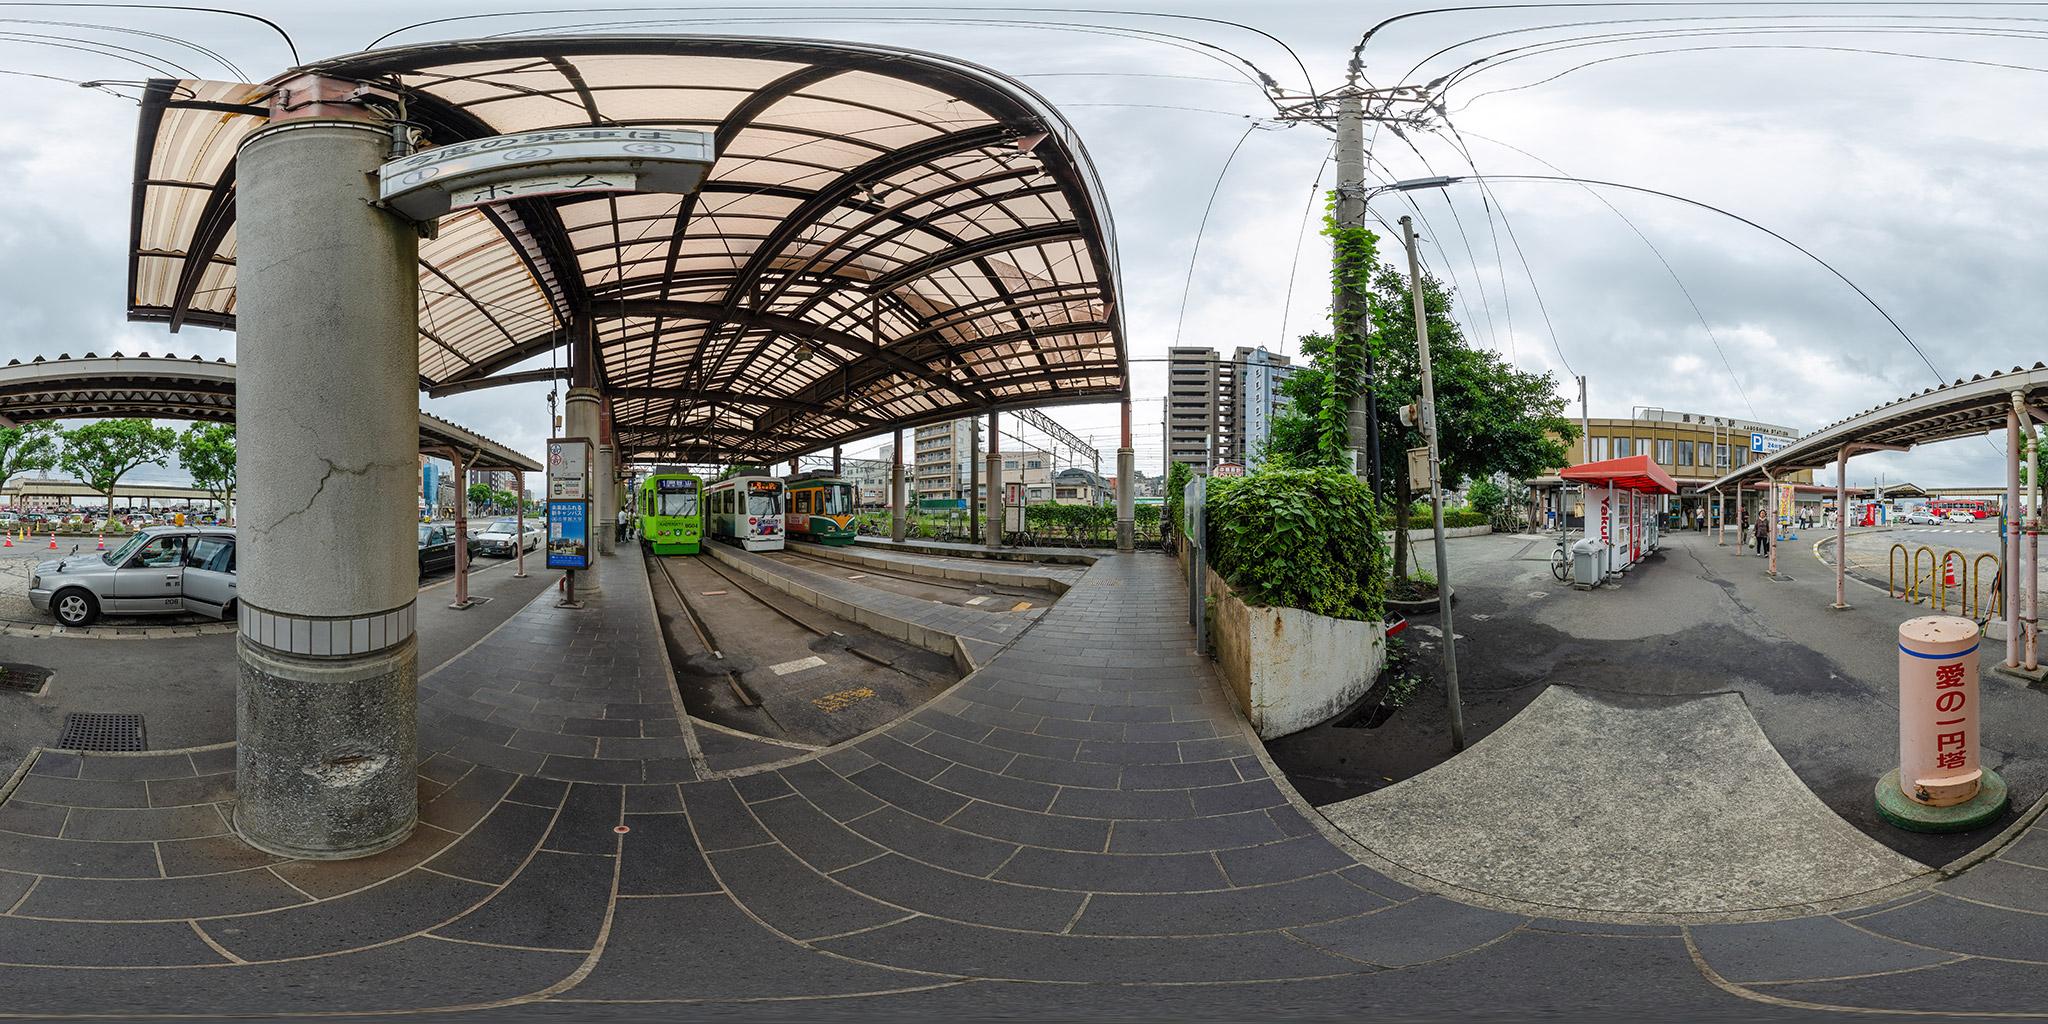 鹿児島市電鹿児島駅前電停とJR鹿児島駅4代目駅舎